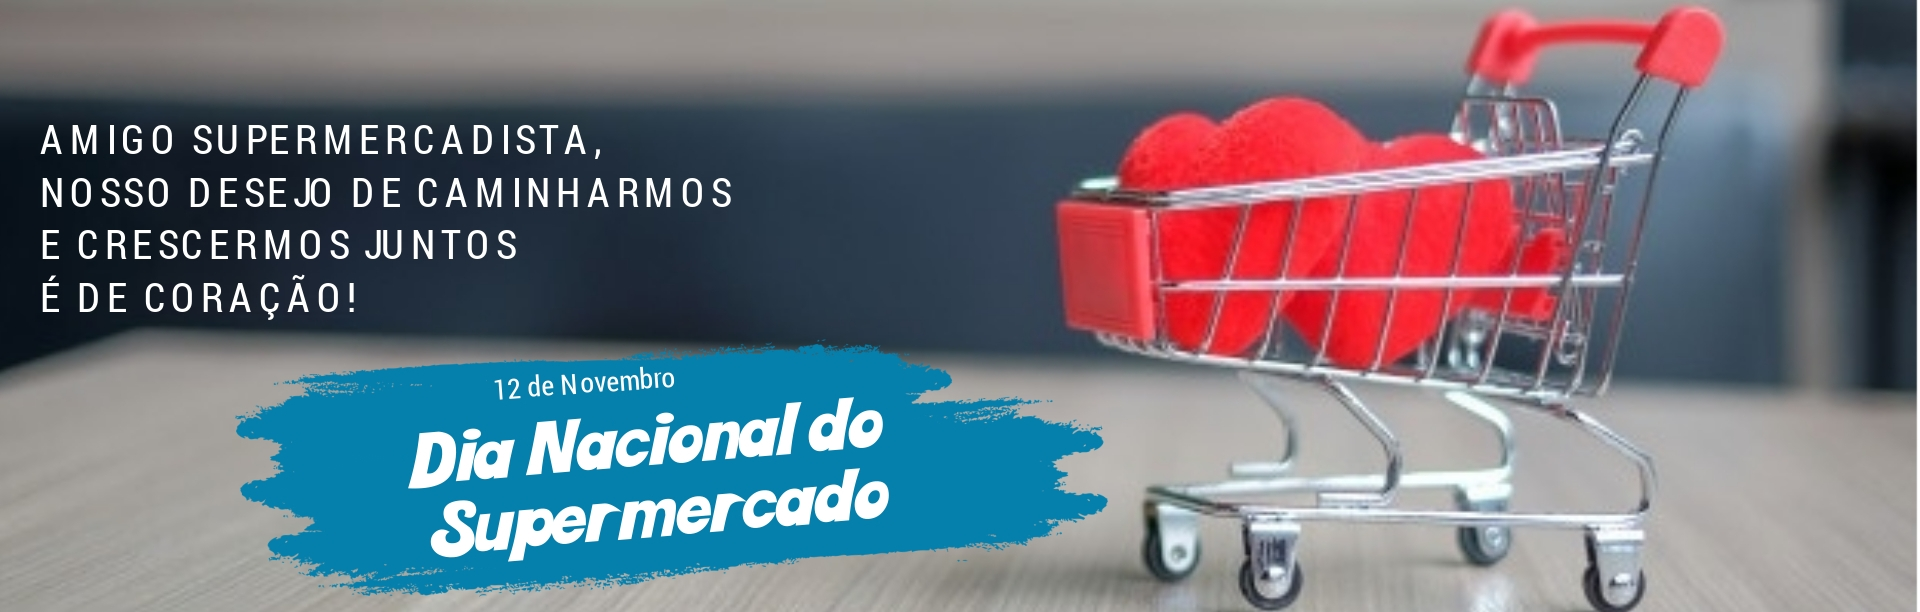 Dia Nacional Supermercado